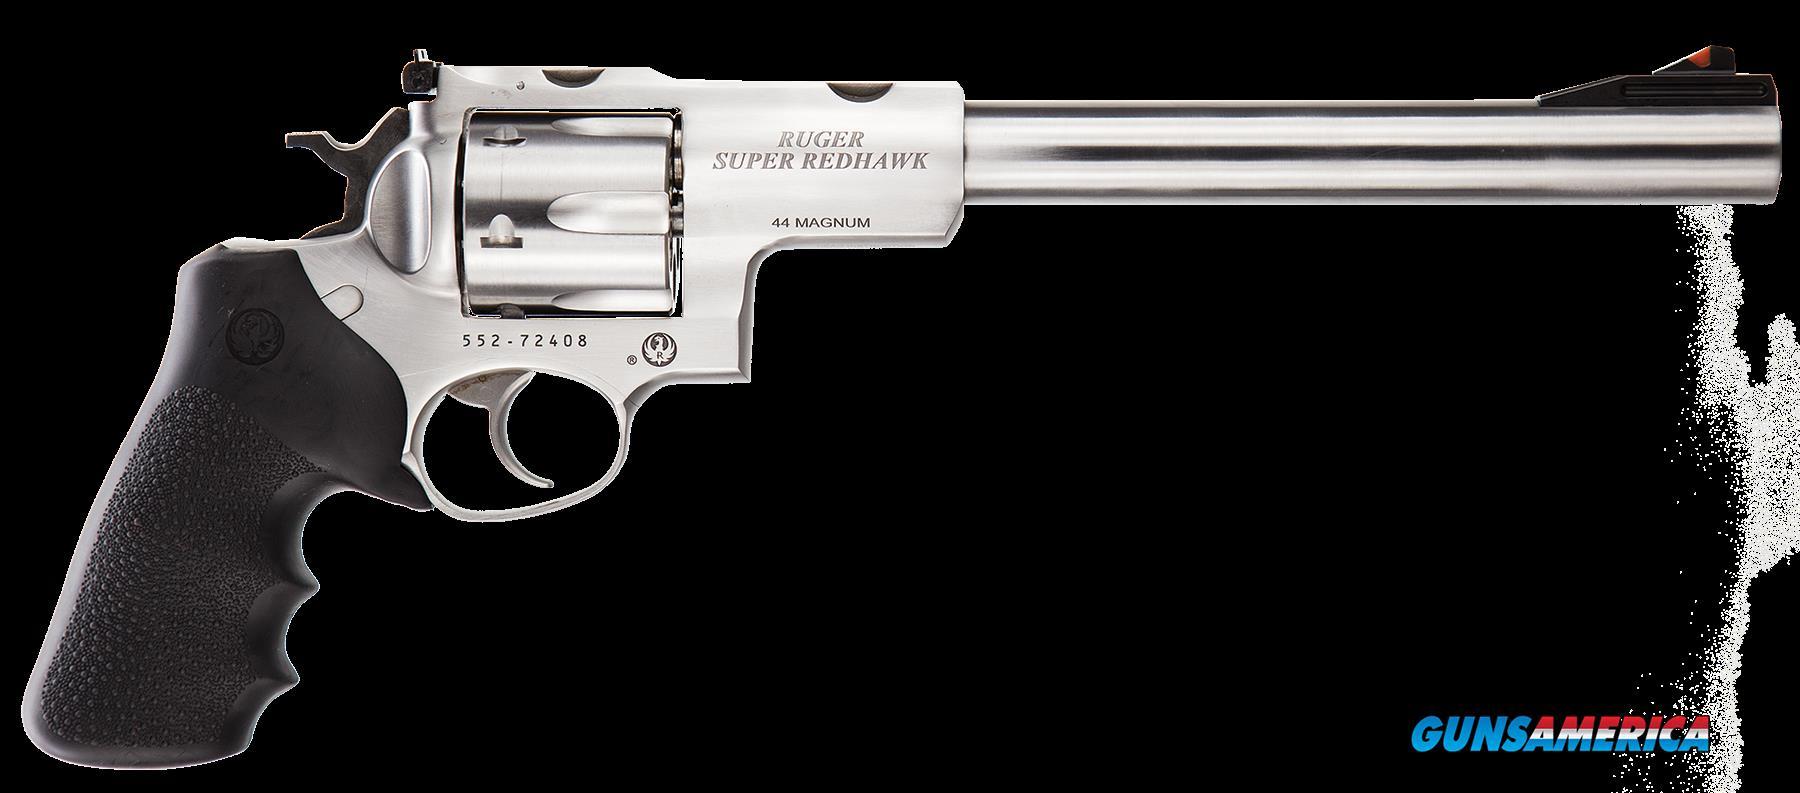 Ruger Super Redhawk, Rug 5502  Ksrh9    Sredhwk 44mg  9.5 Ss  Guns > Pistols > 1911 Pistol Copies (non-Colt)